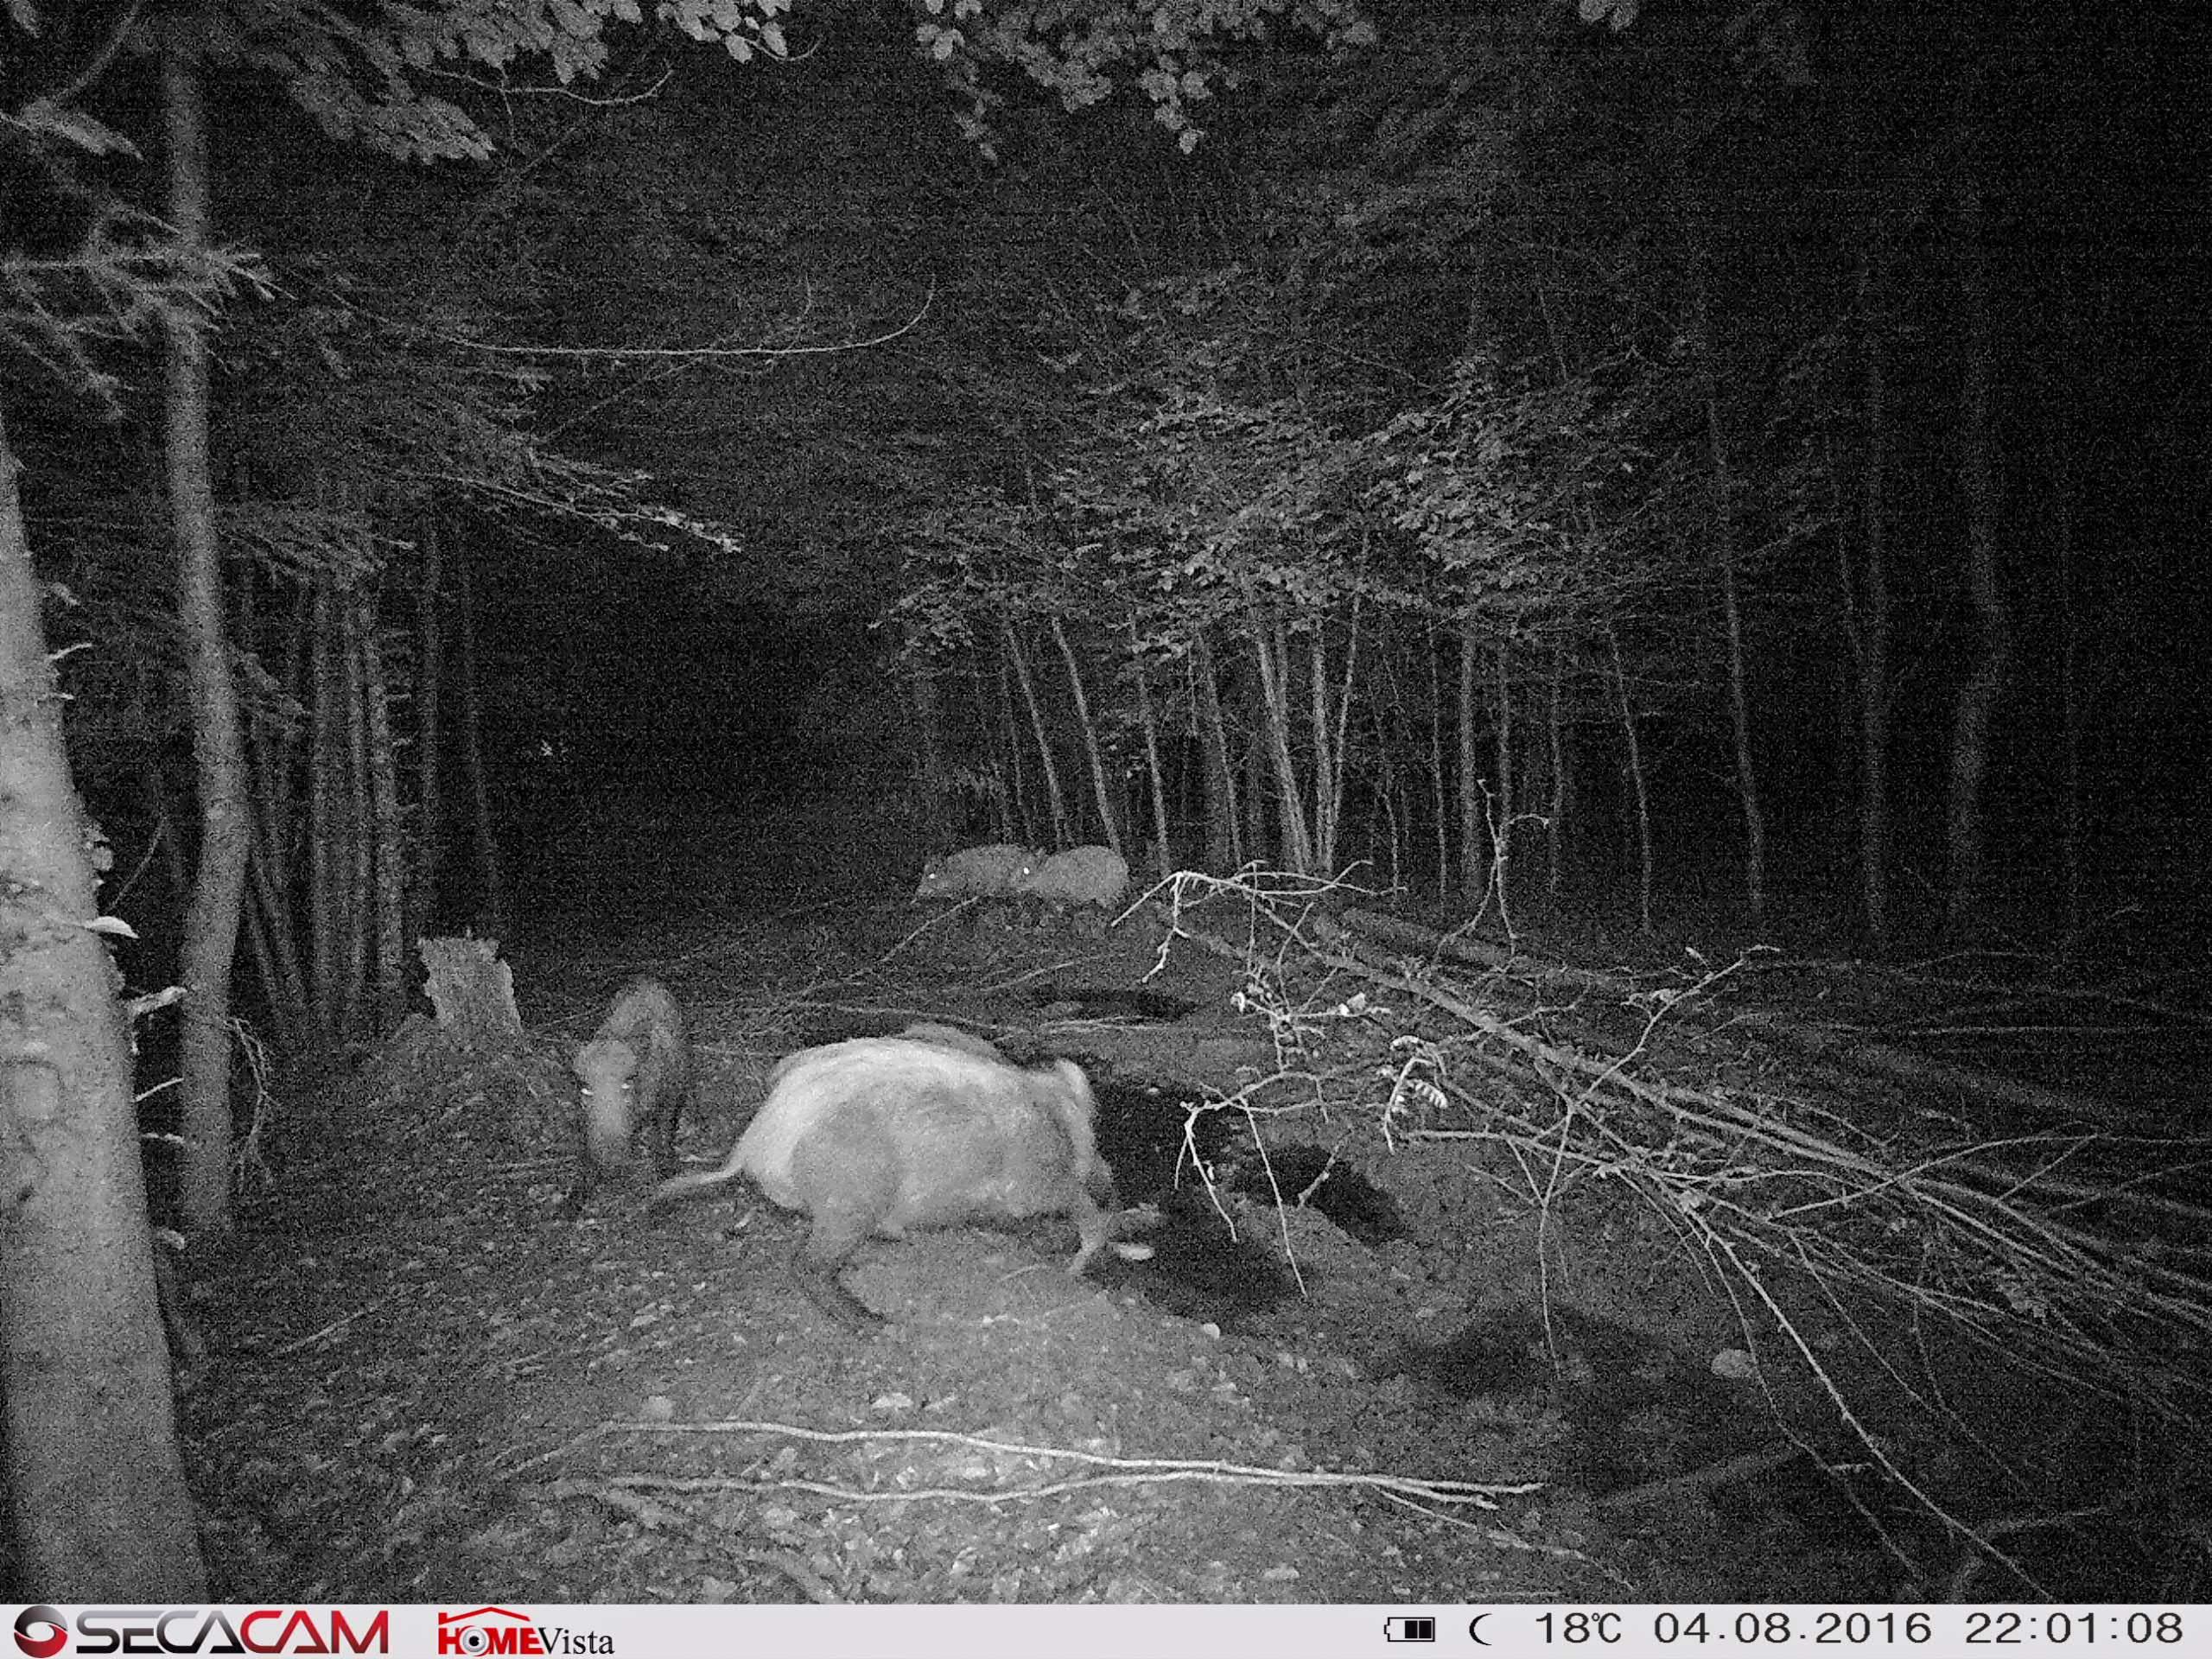 Zum Vergleich die nahezu zeitgleiche Aufnahme der SecaCam HomeVista - Bild: Wildkamera-Test.com